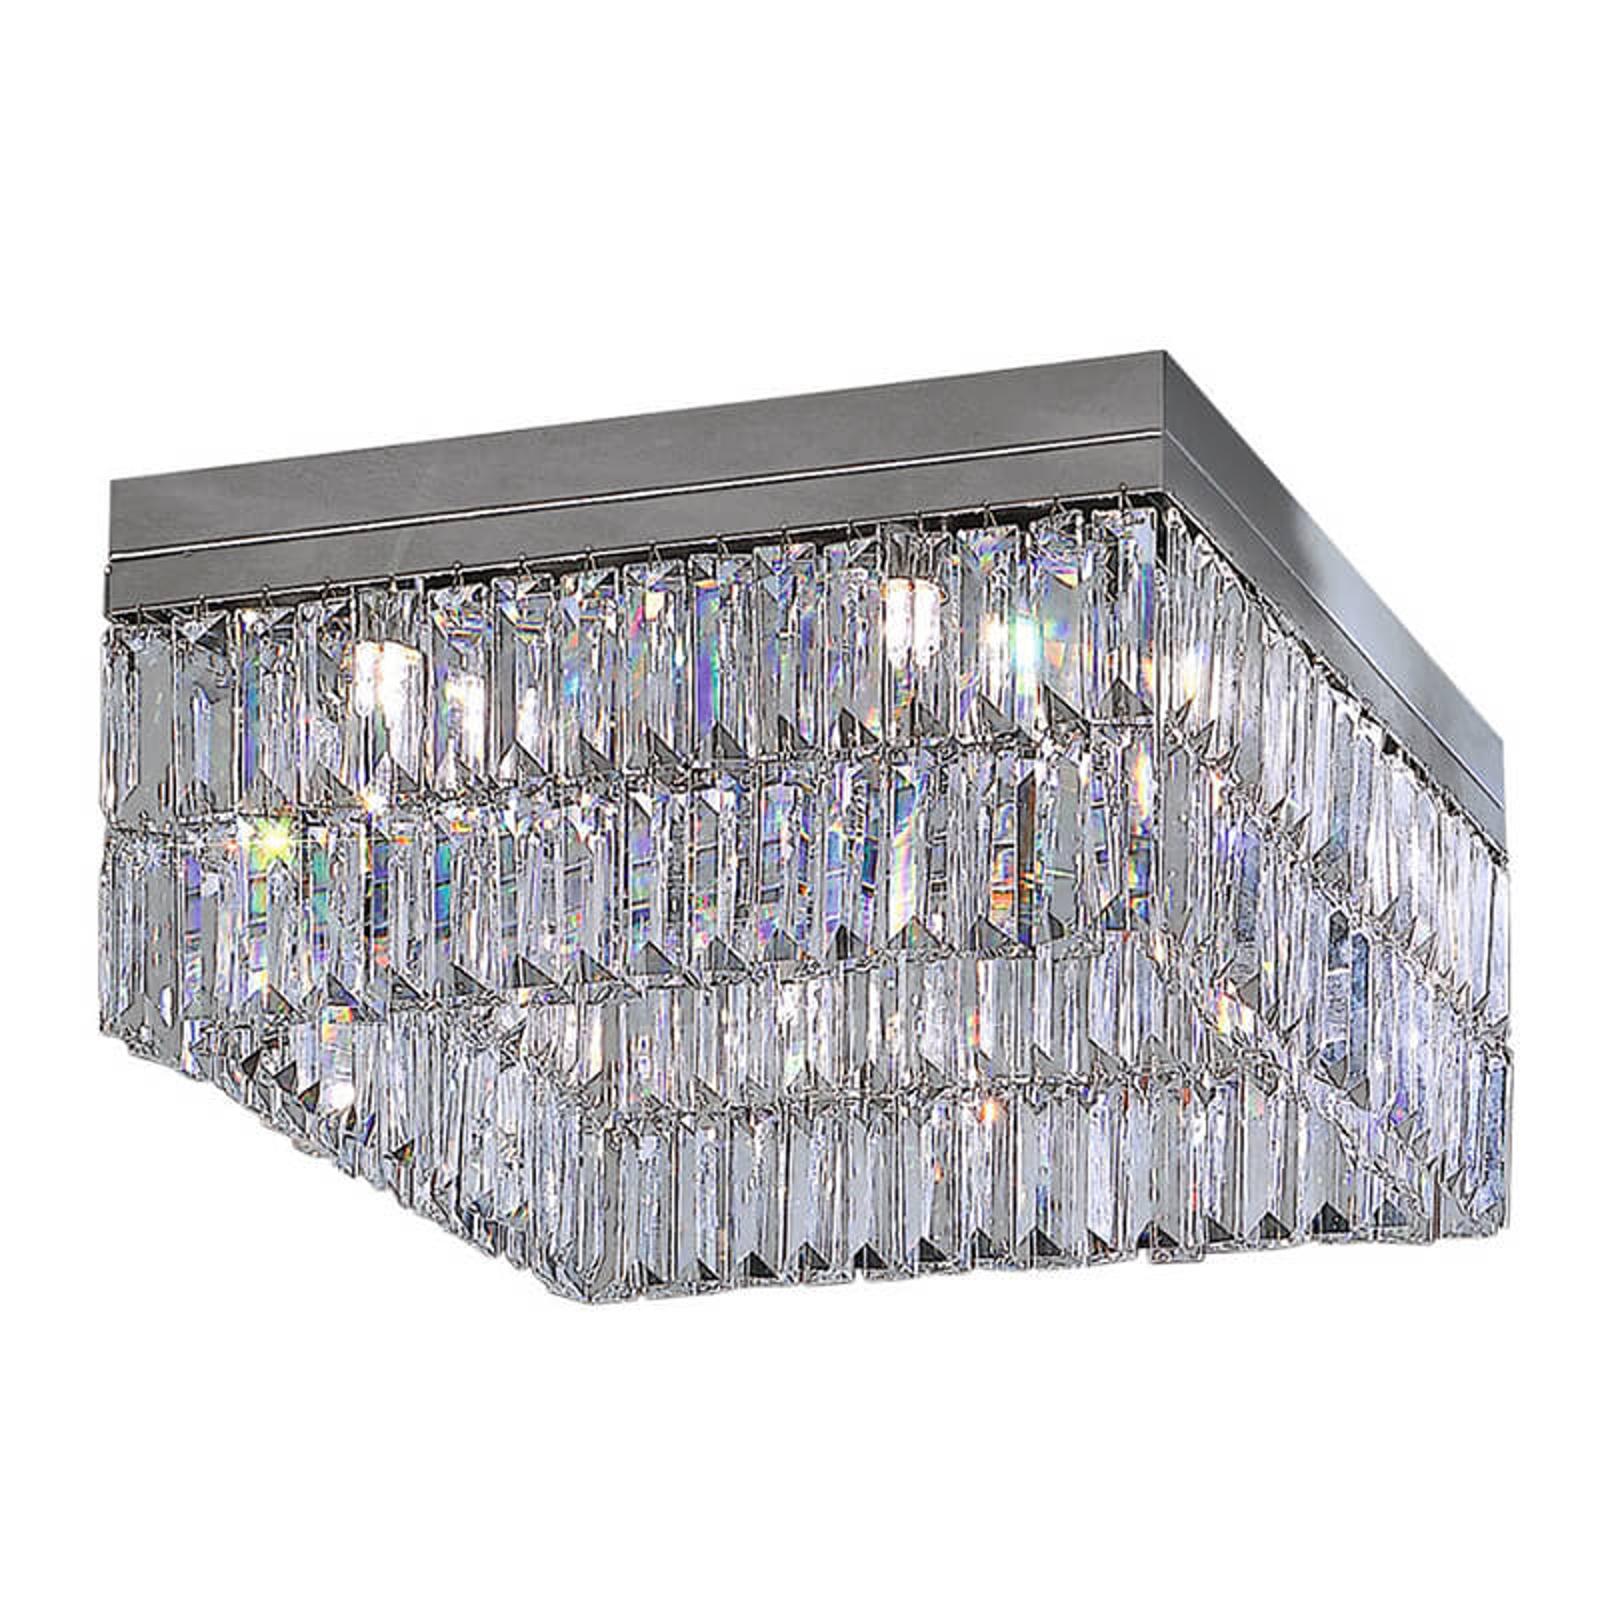 PRISMA krystall-taklampe